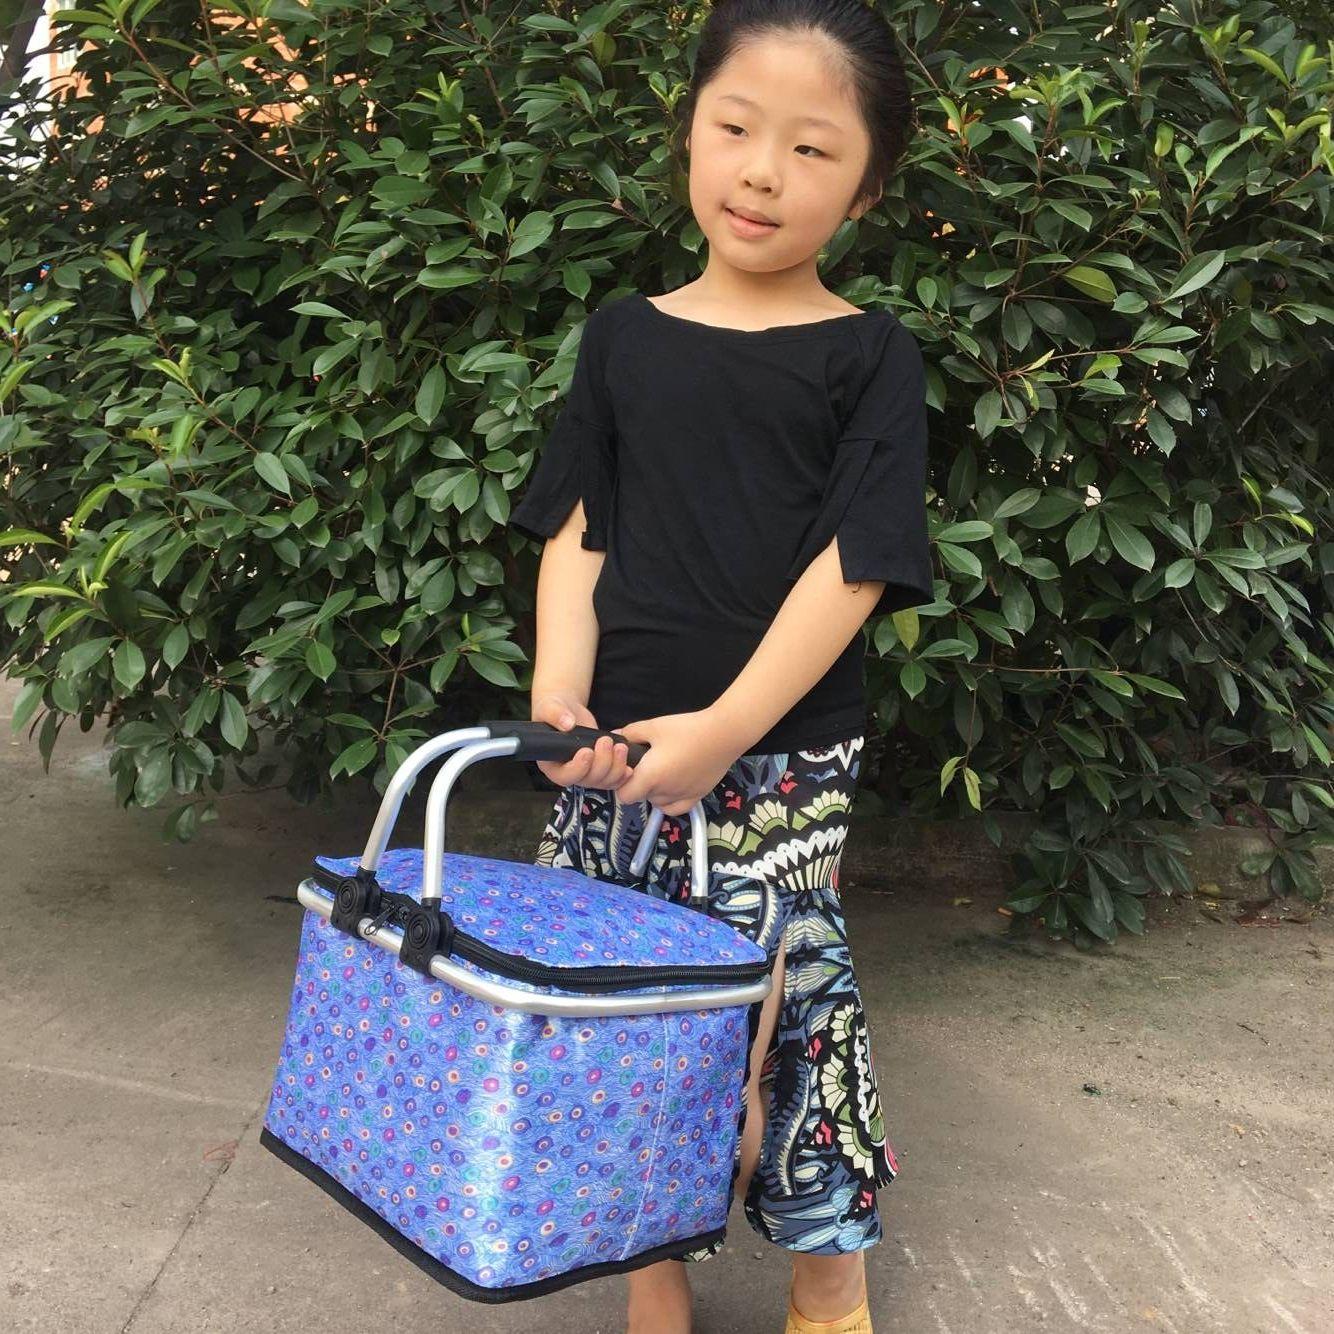 小号新款中国儿童保温篮子户外野餐包外卖送餐箱冰包饮料外送箱